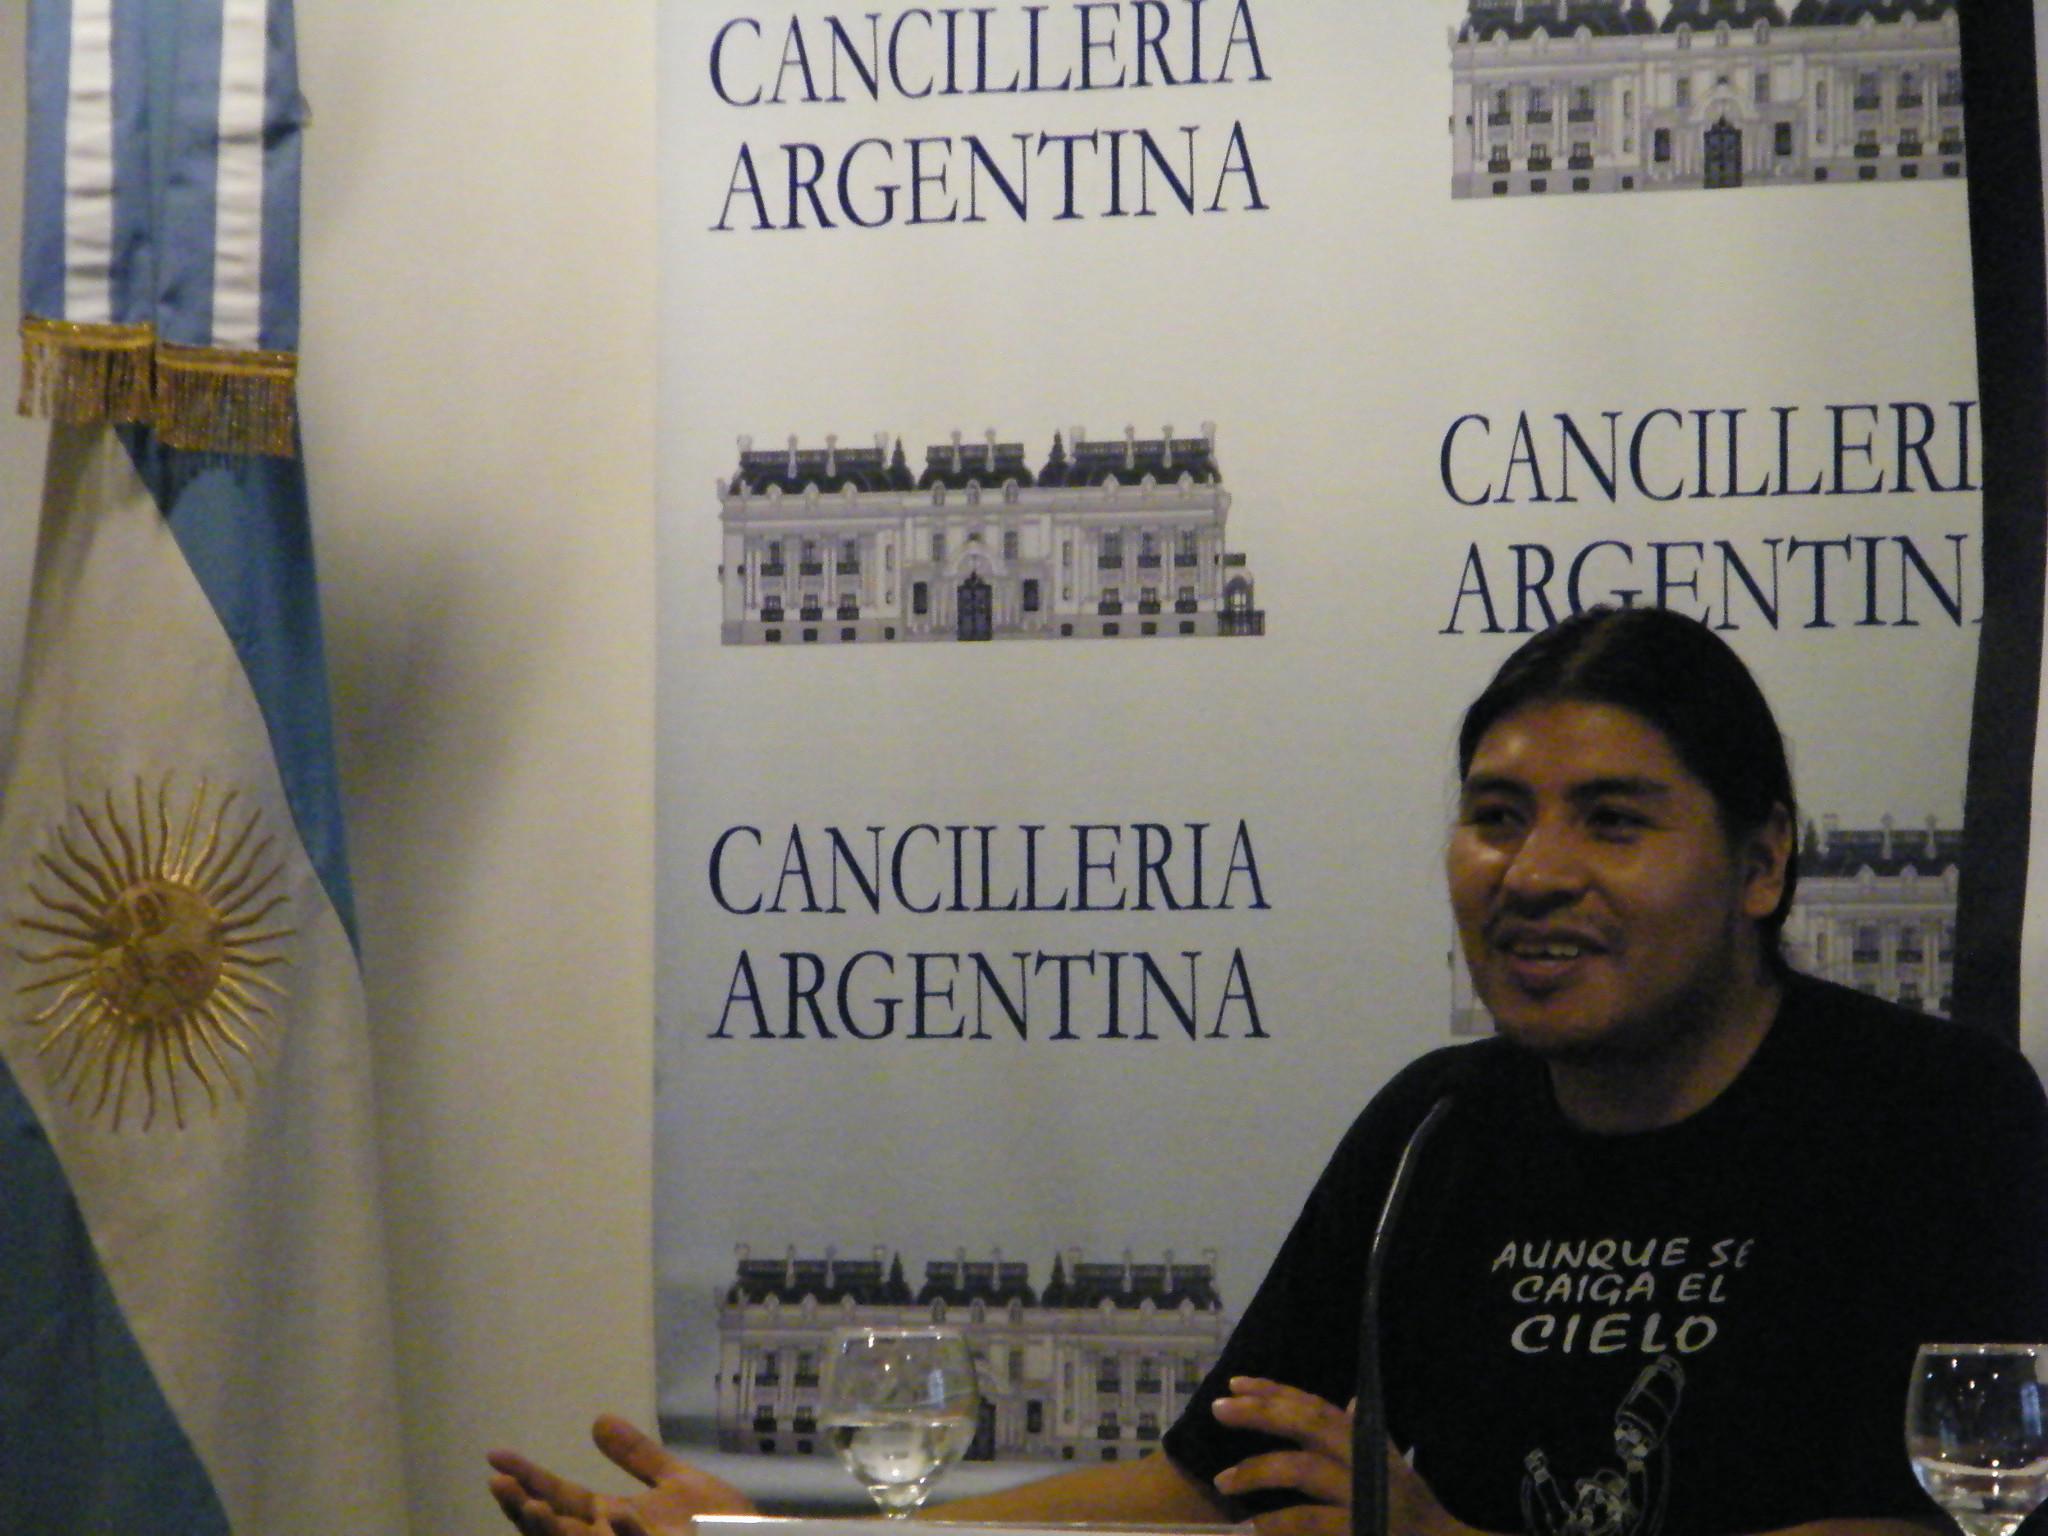 Durante la presentación del video, con posterioridad a la conferencia ofrecida a la audiencia en la Cancillería Argentina.